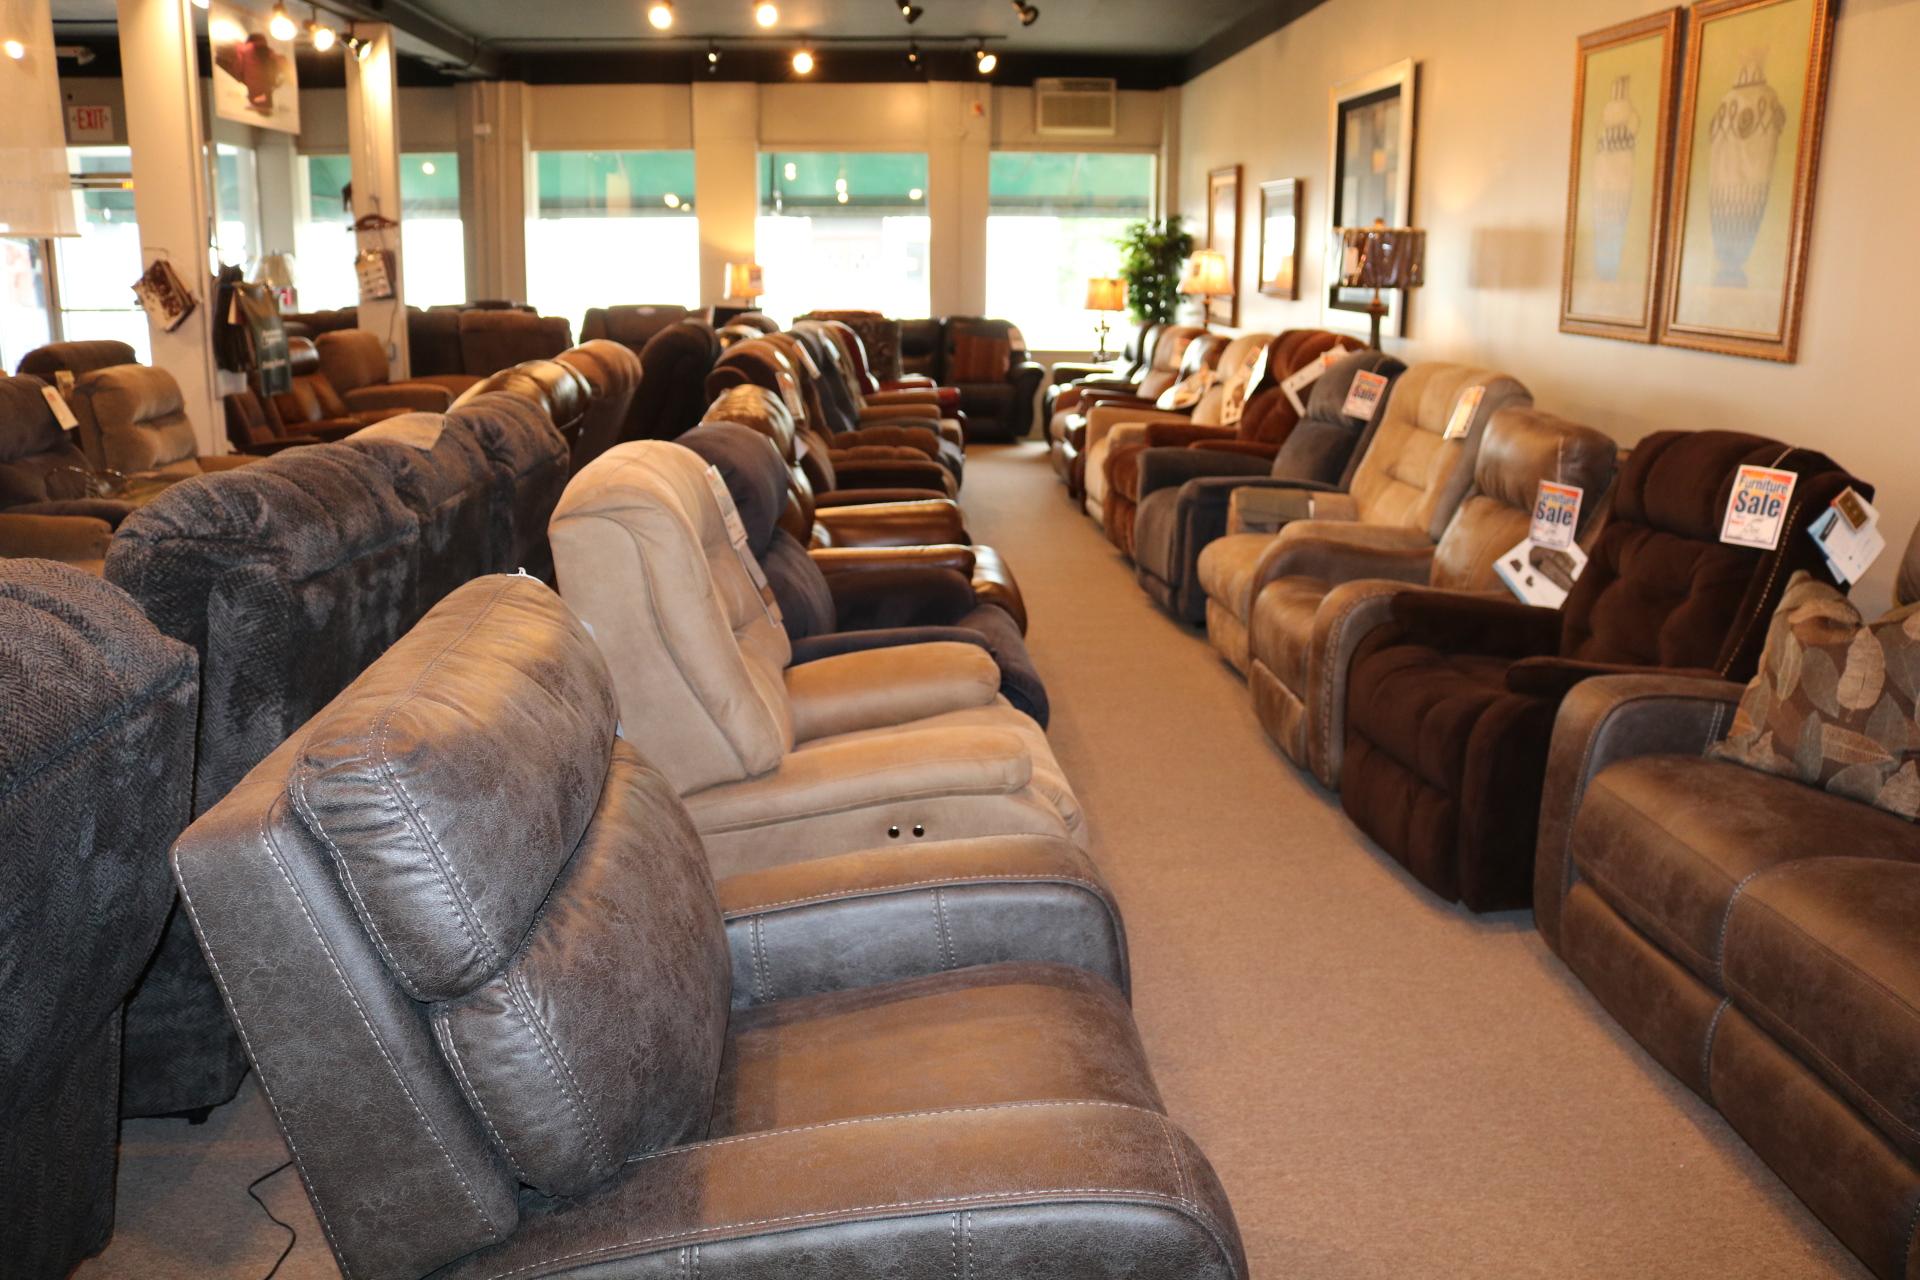 Furniture Store In Waldo Oh Furniture Store Near Me